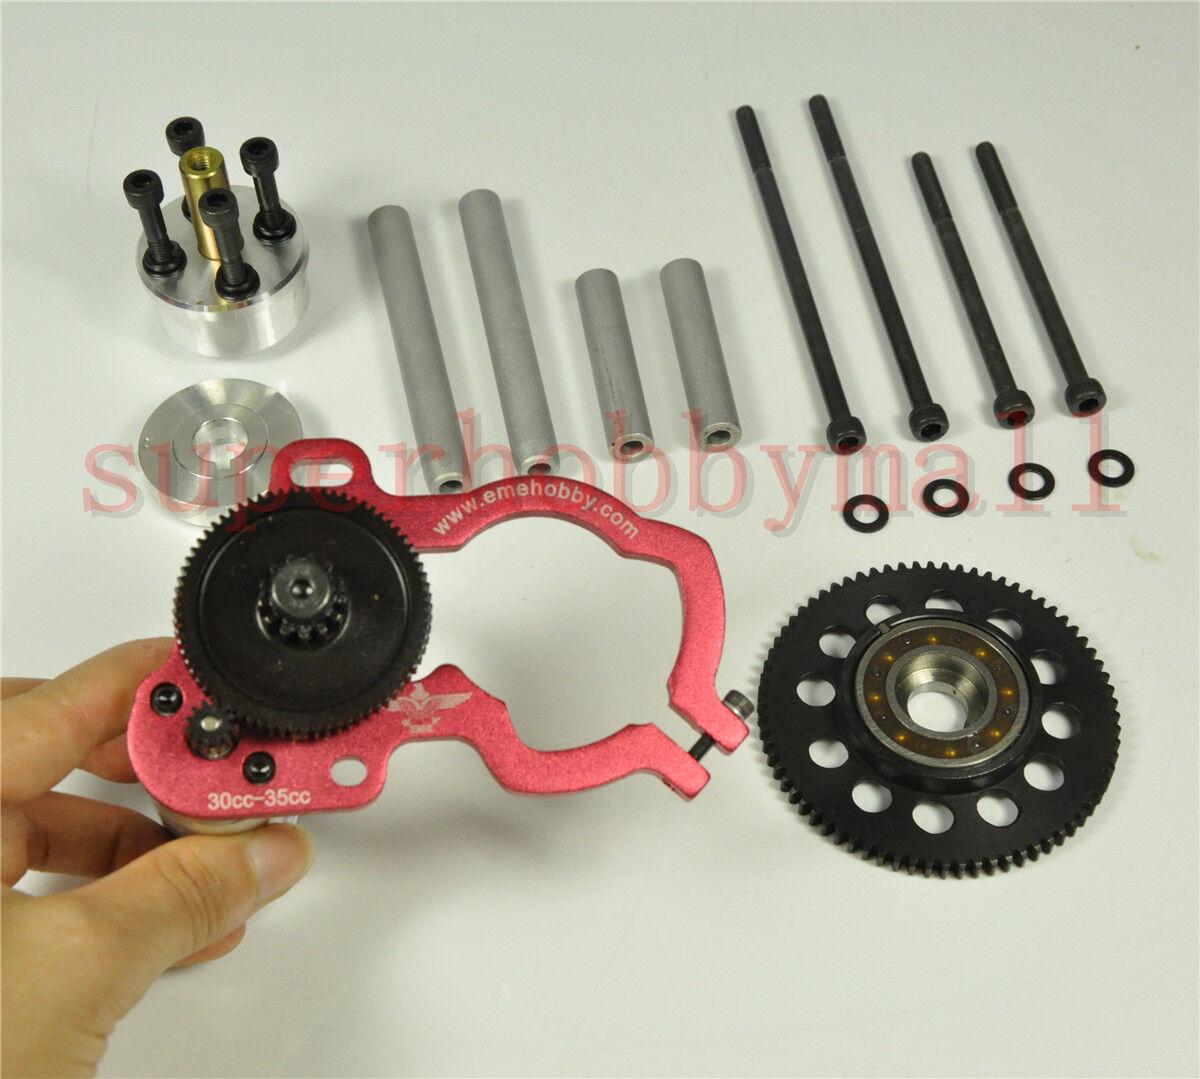 Eme motor de arranque eléctrico para motor 30-35CC EME35 DLE30 u otros similares